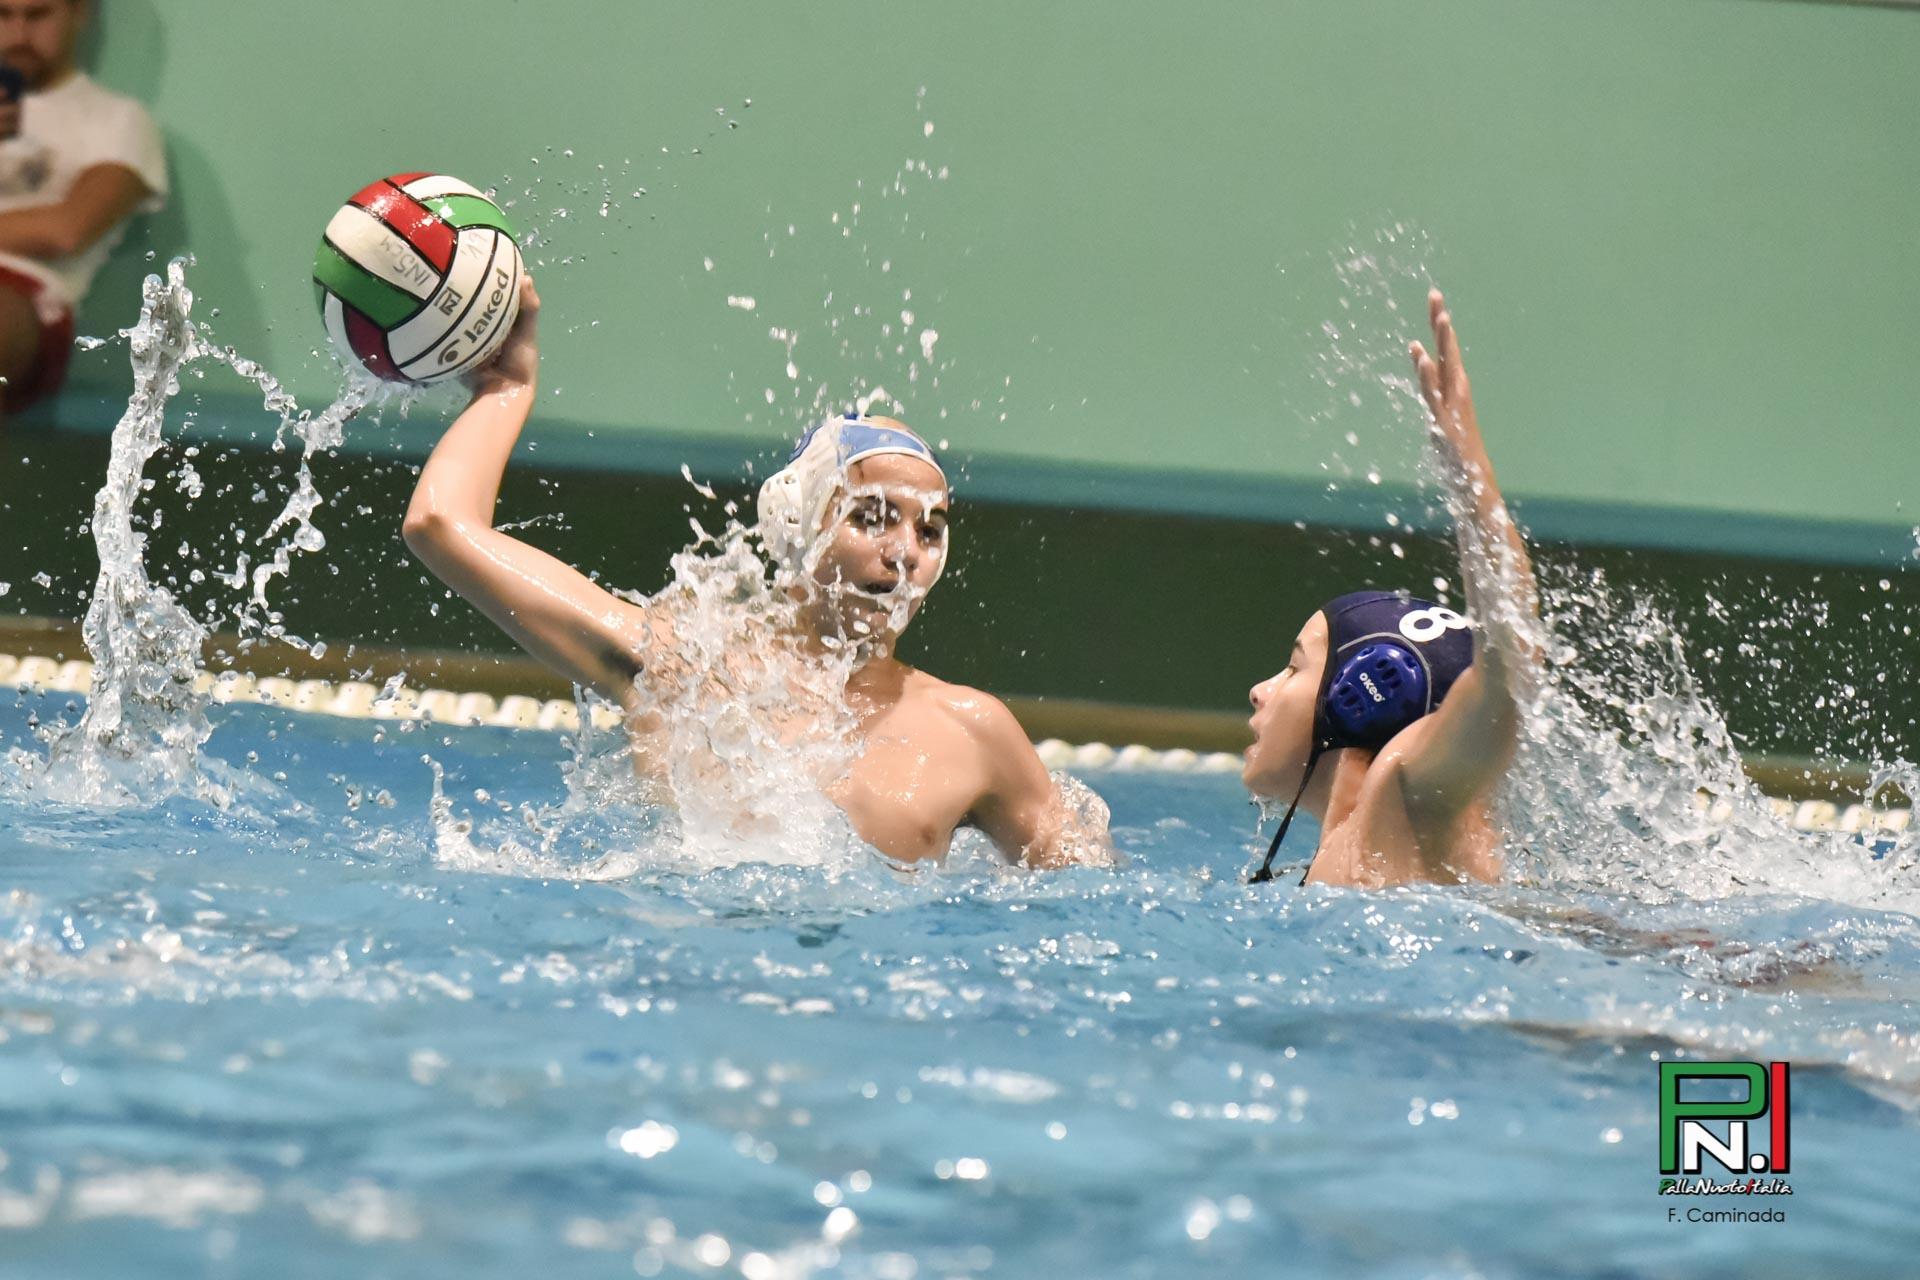 SG Arese - In Sport Cesano U14